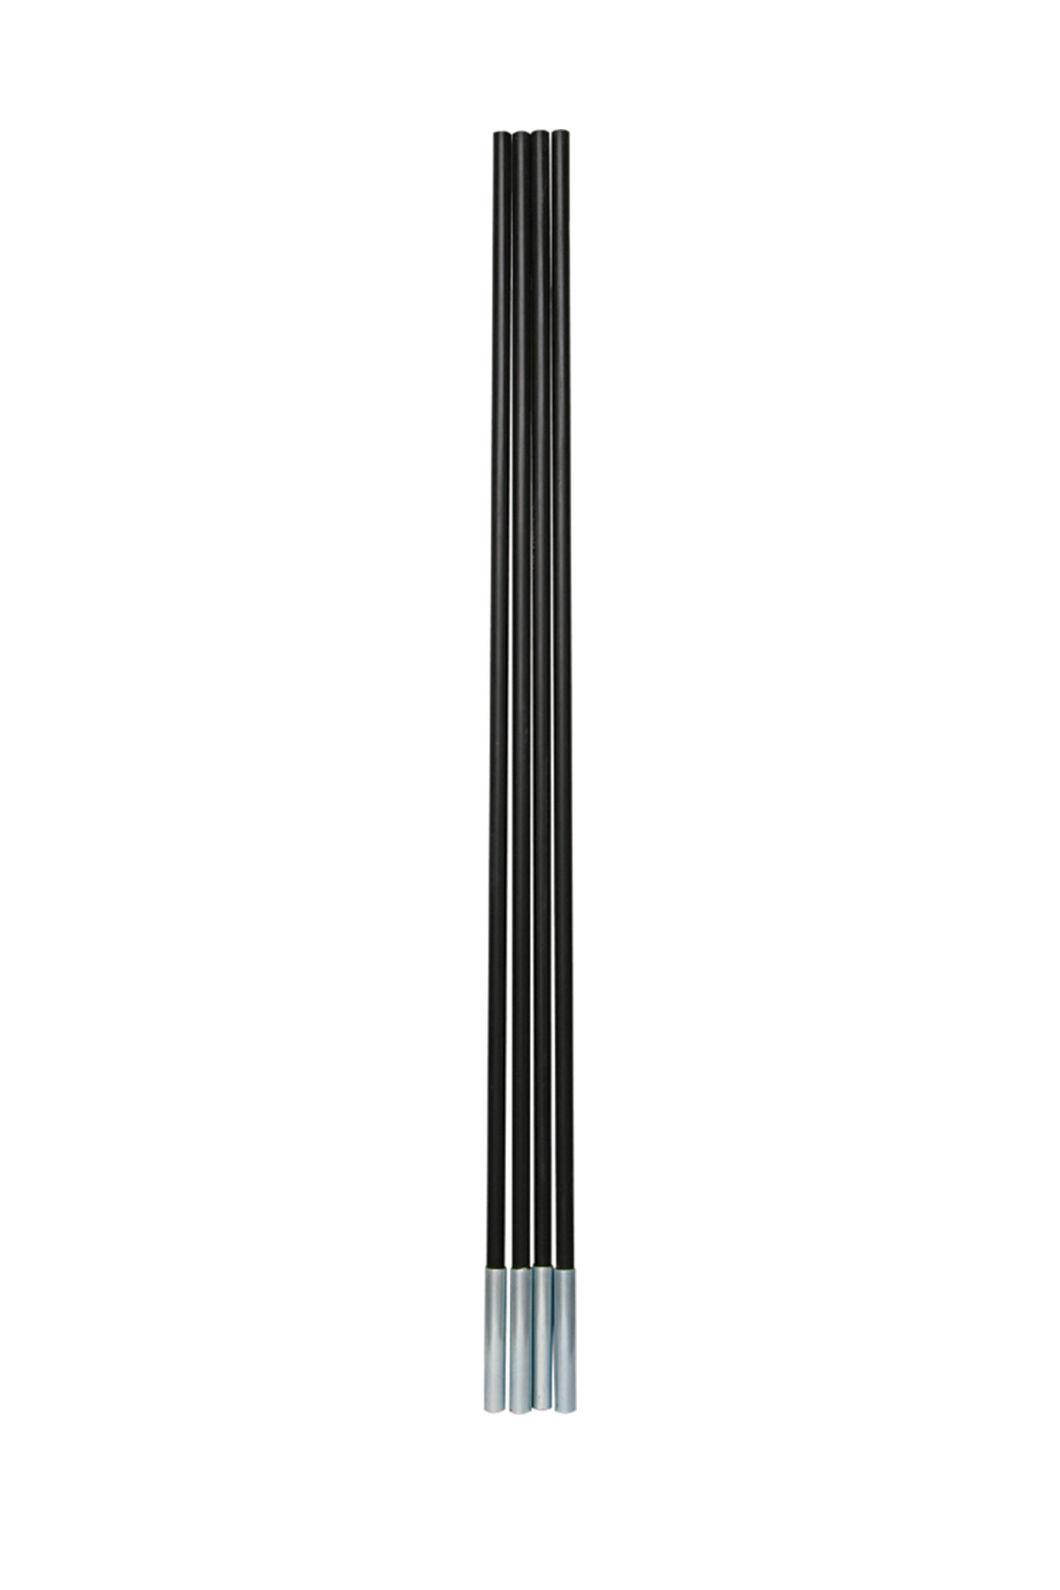 Prim Pack Fibreglass 7.9mm Tent Pole, None, hi-res